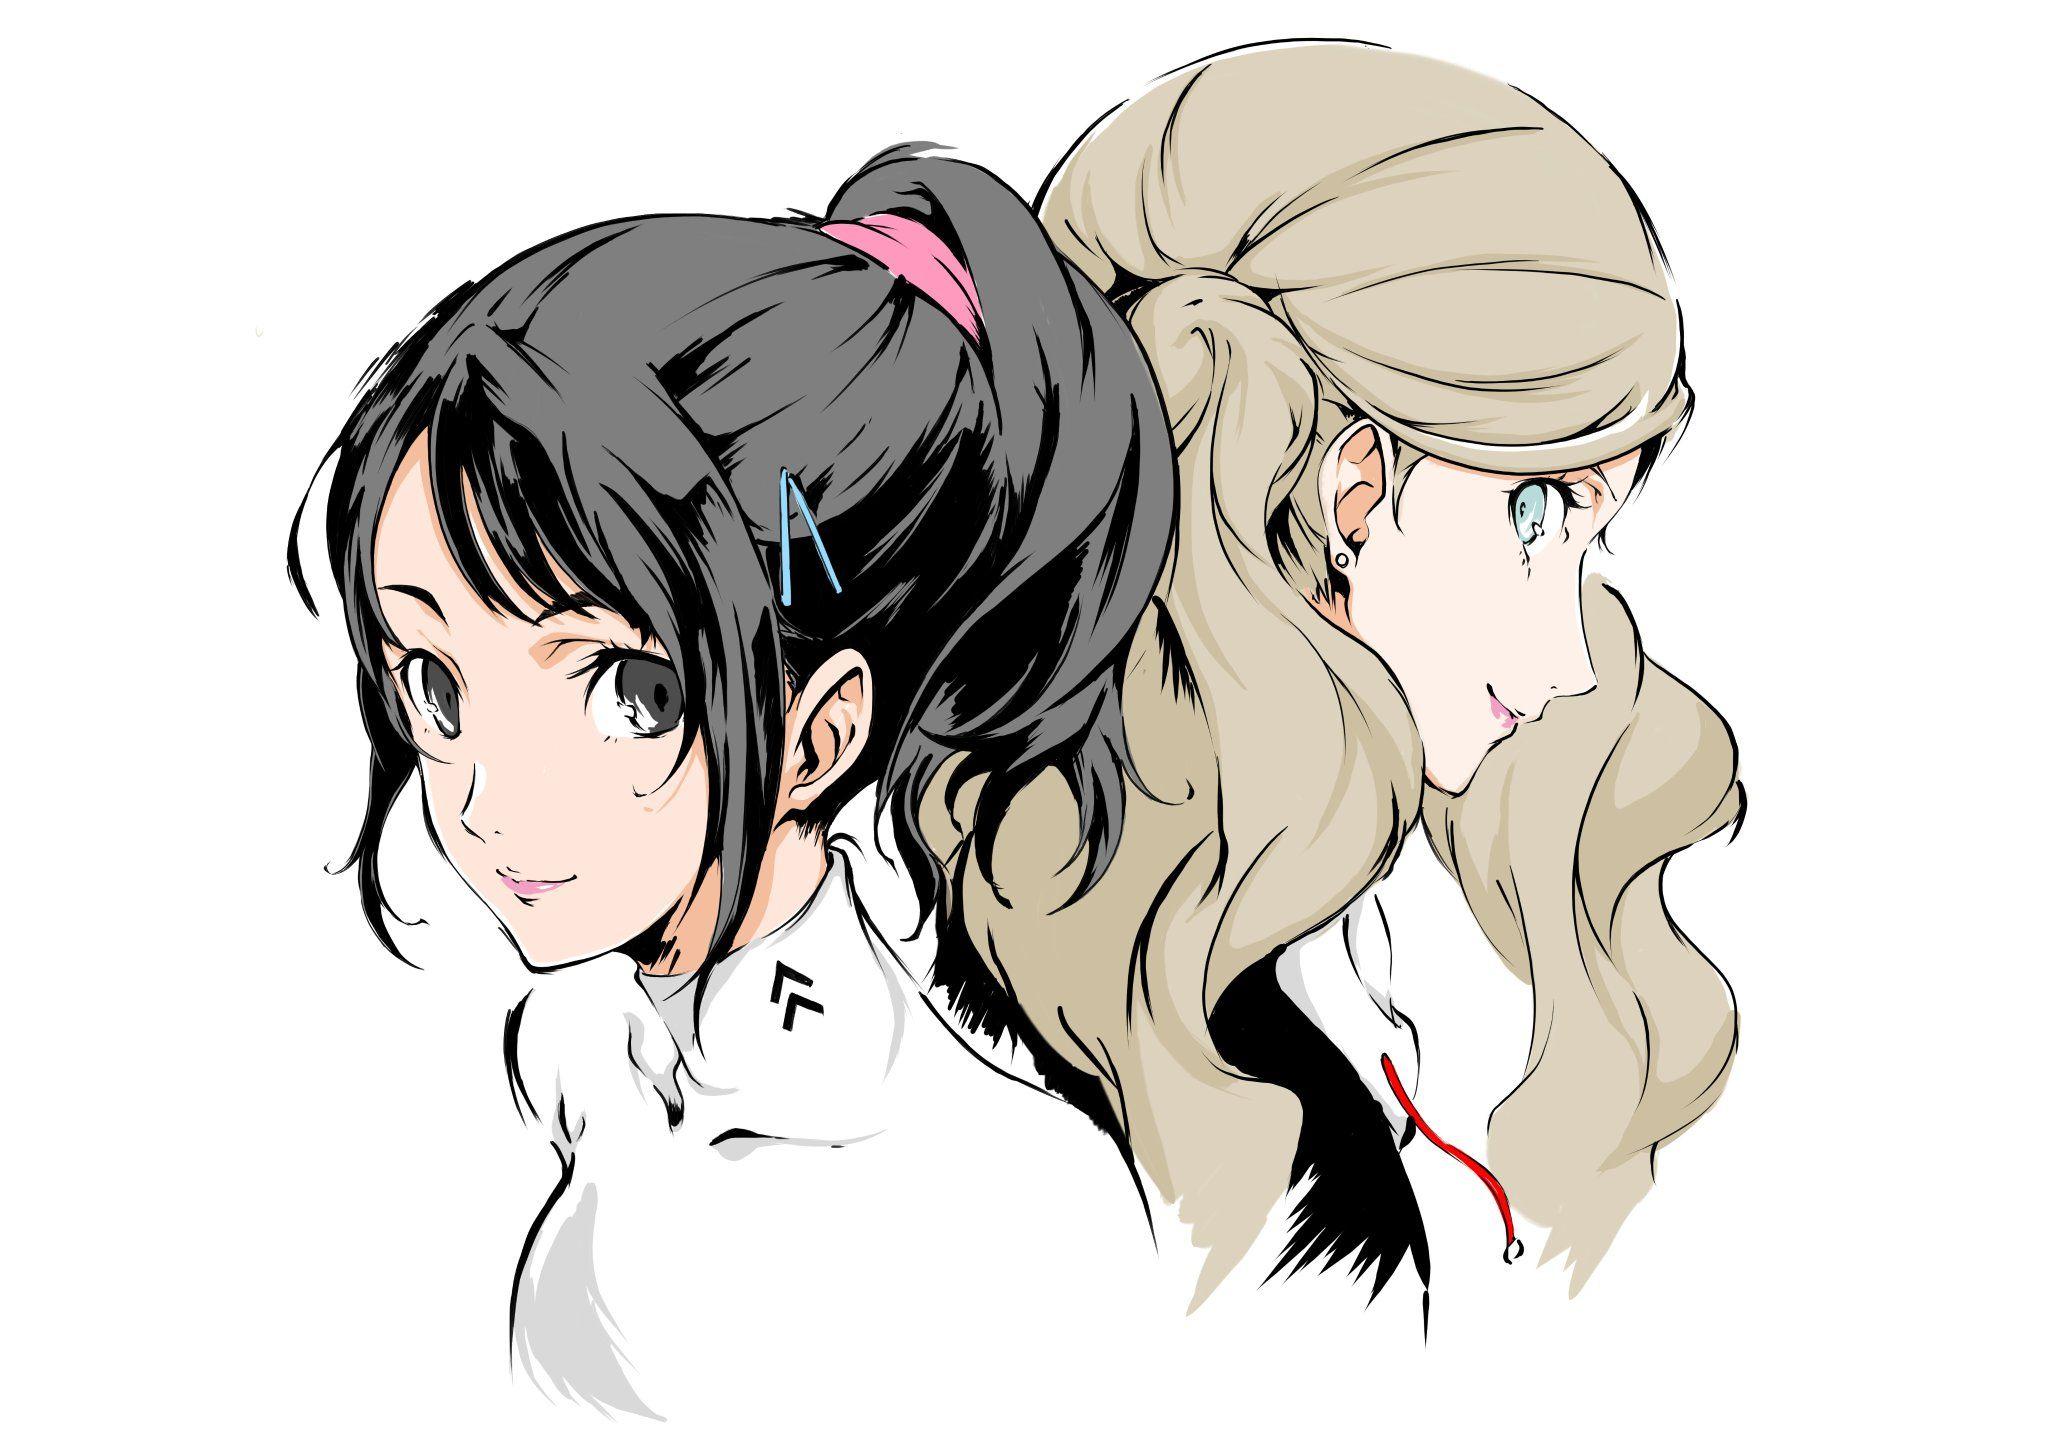 ちくわ on Persona 5, Persona, Story characters